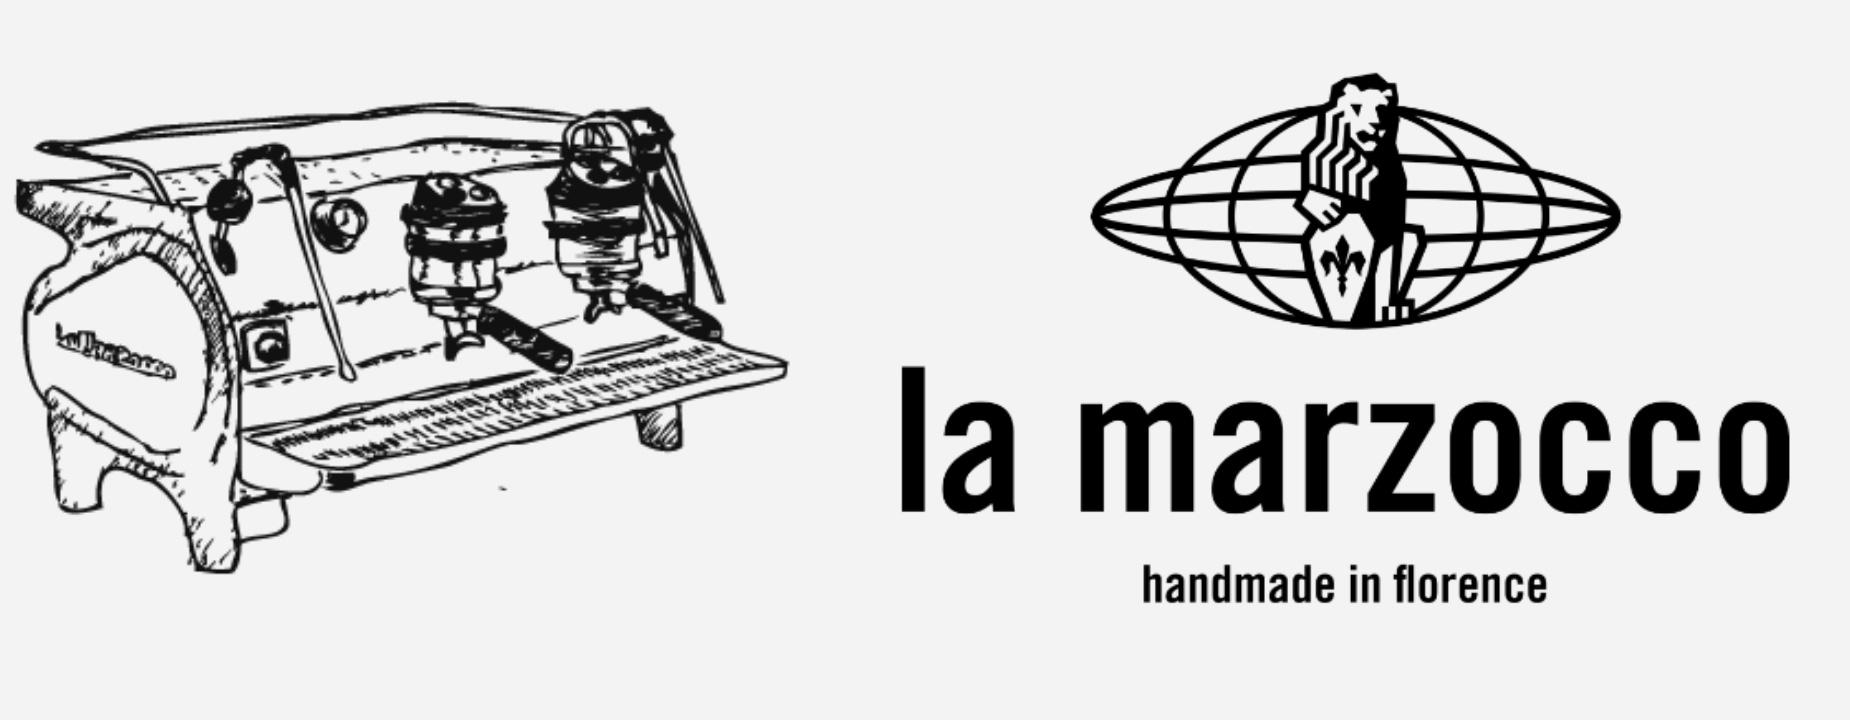 machines-à-café-la-marzocco-6